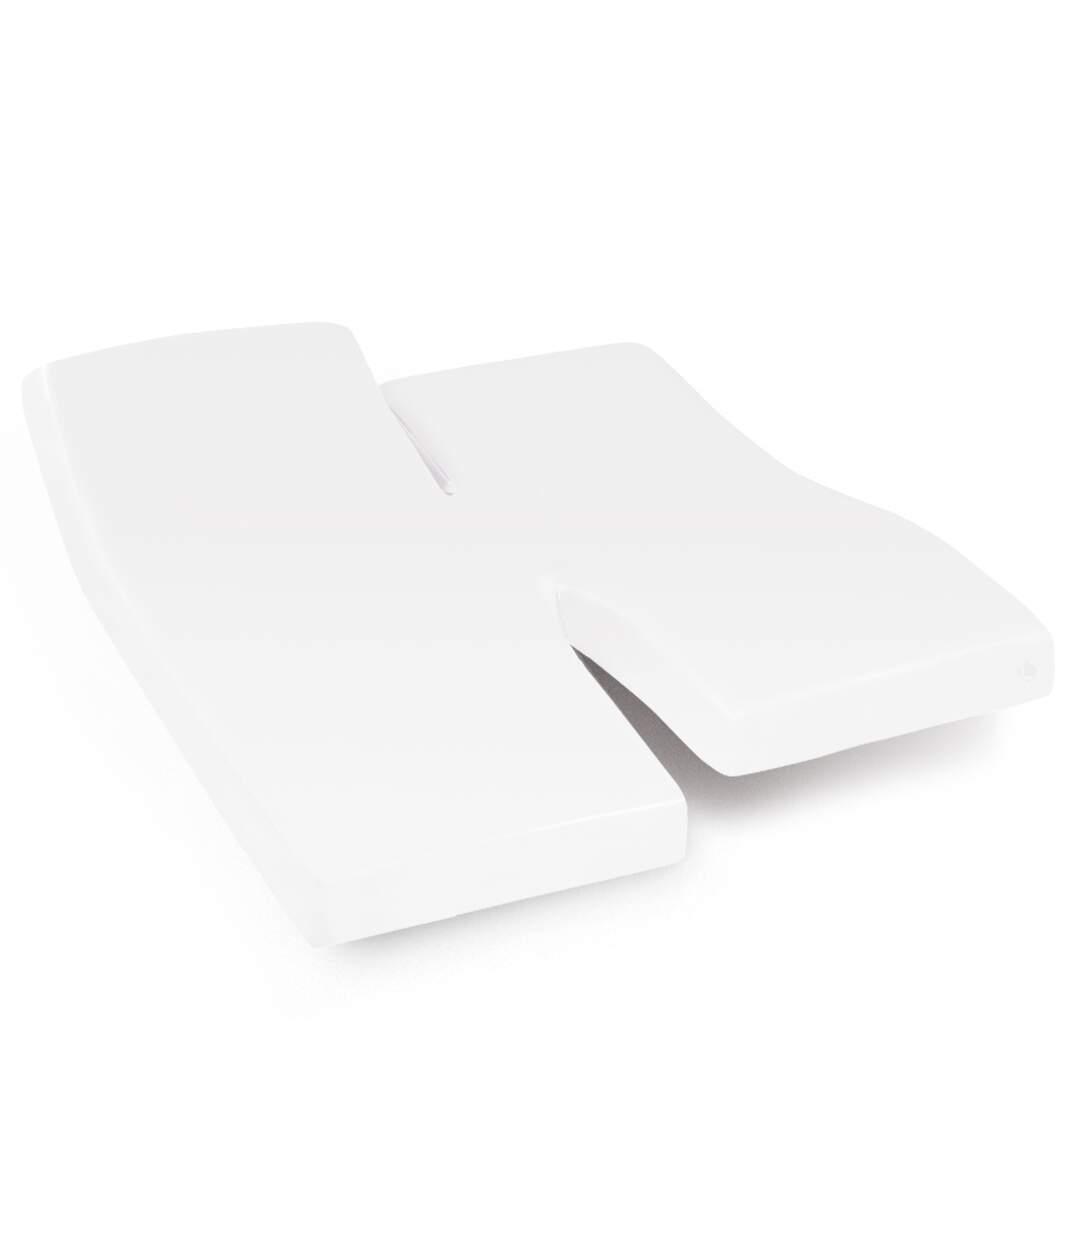 Protege Matelas Impermeable 2x70x190 Cm Lit Articule Tpr Bonnet 30cm Arnon Molleton 100 Coton Contrecolle Polyurethane Atlas For Men